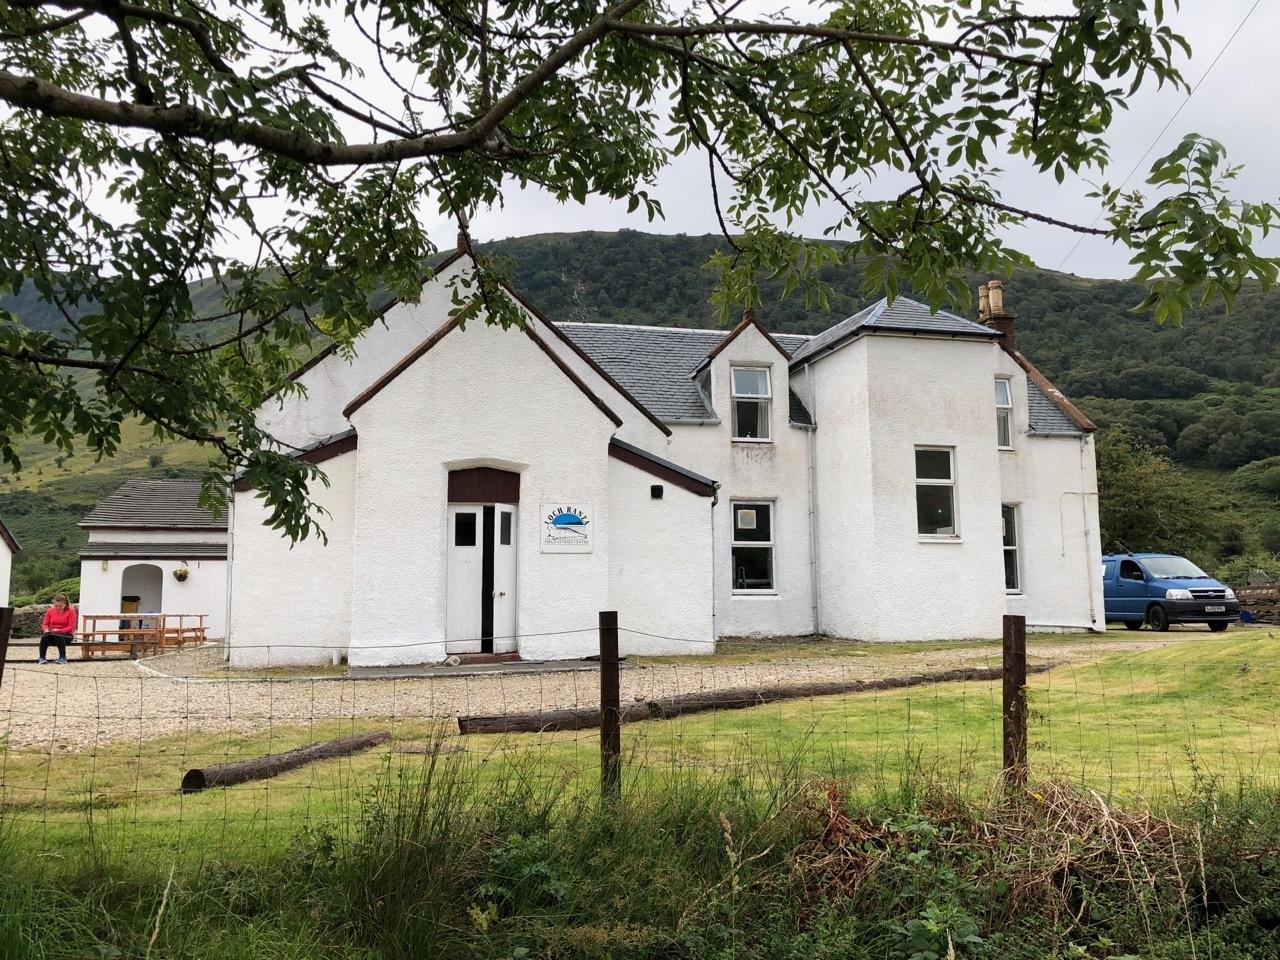 Lochranza Outdoor Education & Activity Centre